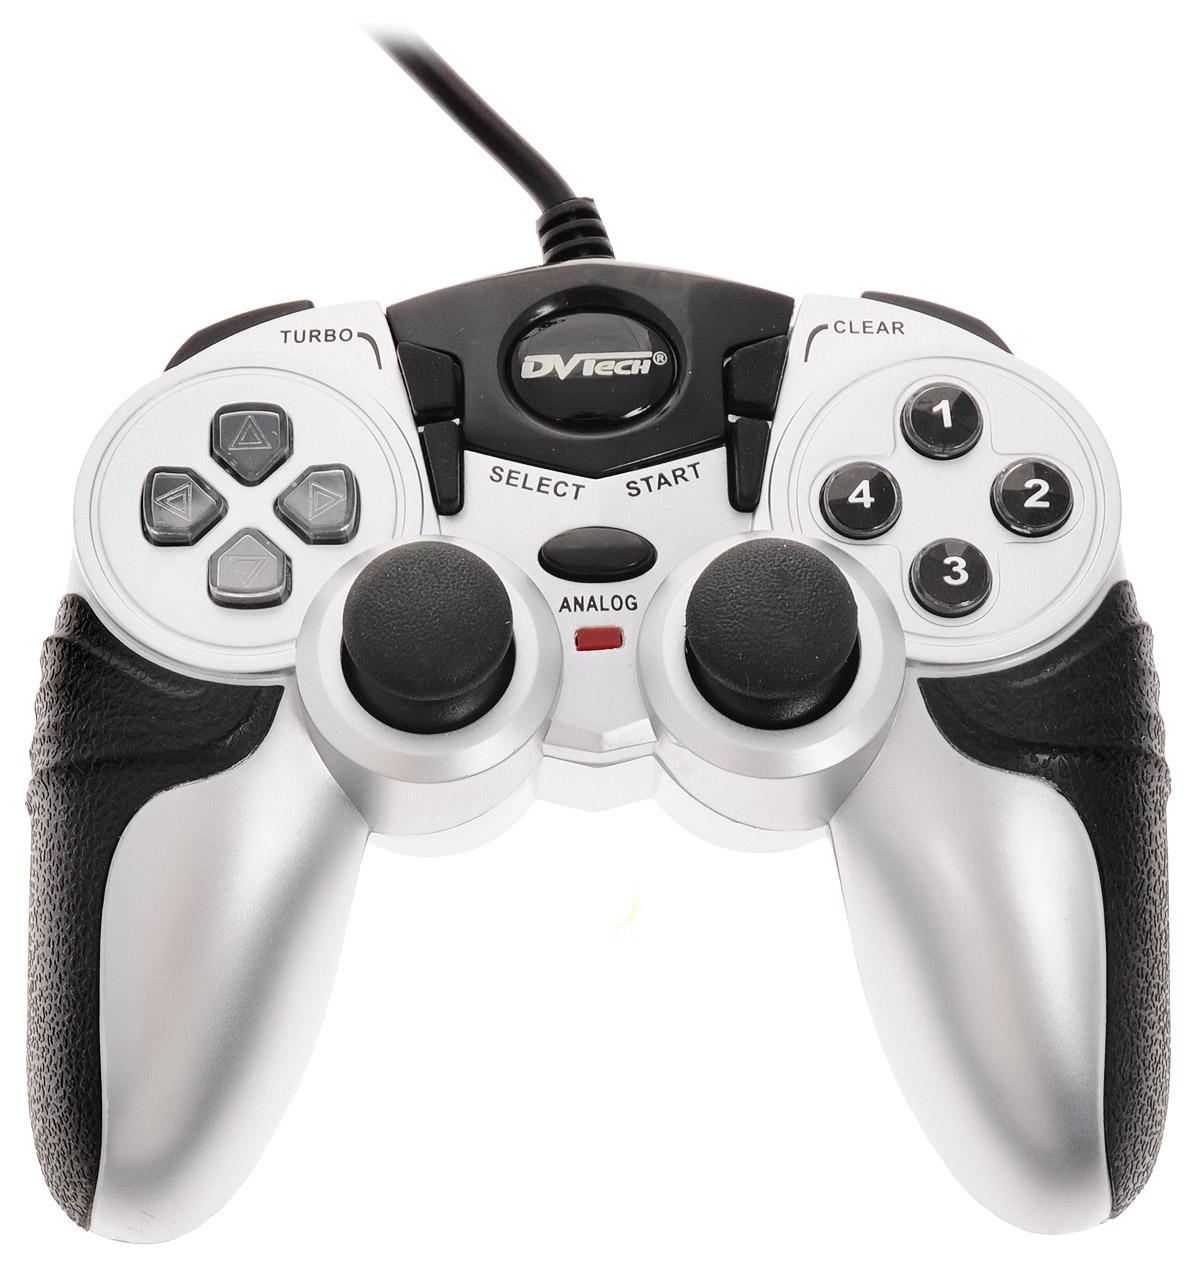 Игровой джойстик для PC/PS1/PS2 DVTech JS55 Shock Jet (черно-серый)JS 55Джойстик JS55 Shock Jet привлекает внимание интересным и запоминающимся внешним видом и при этом продуманным расположением кнопок управления. Простота подключения и отзывчивое управление позволяет сделать процесс игры комфортным. Рифленые прорезиненные вставки на рукоятках помогают надежно фиксировать джойстик в руках, а это немаловажная деталь, особенно для поклонников динамичных сражений.